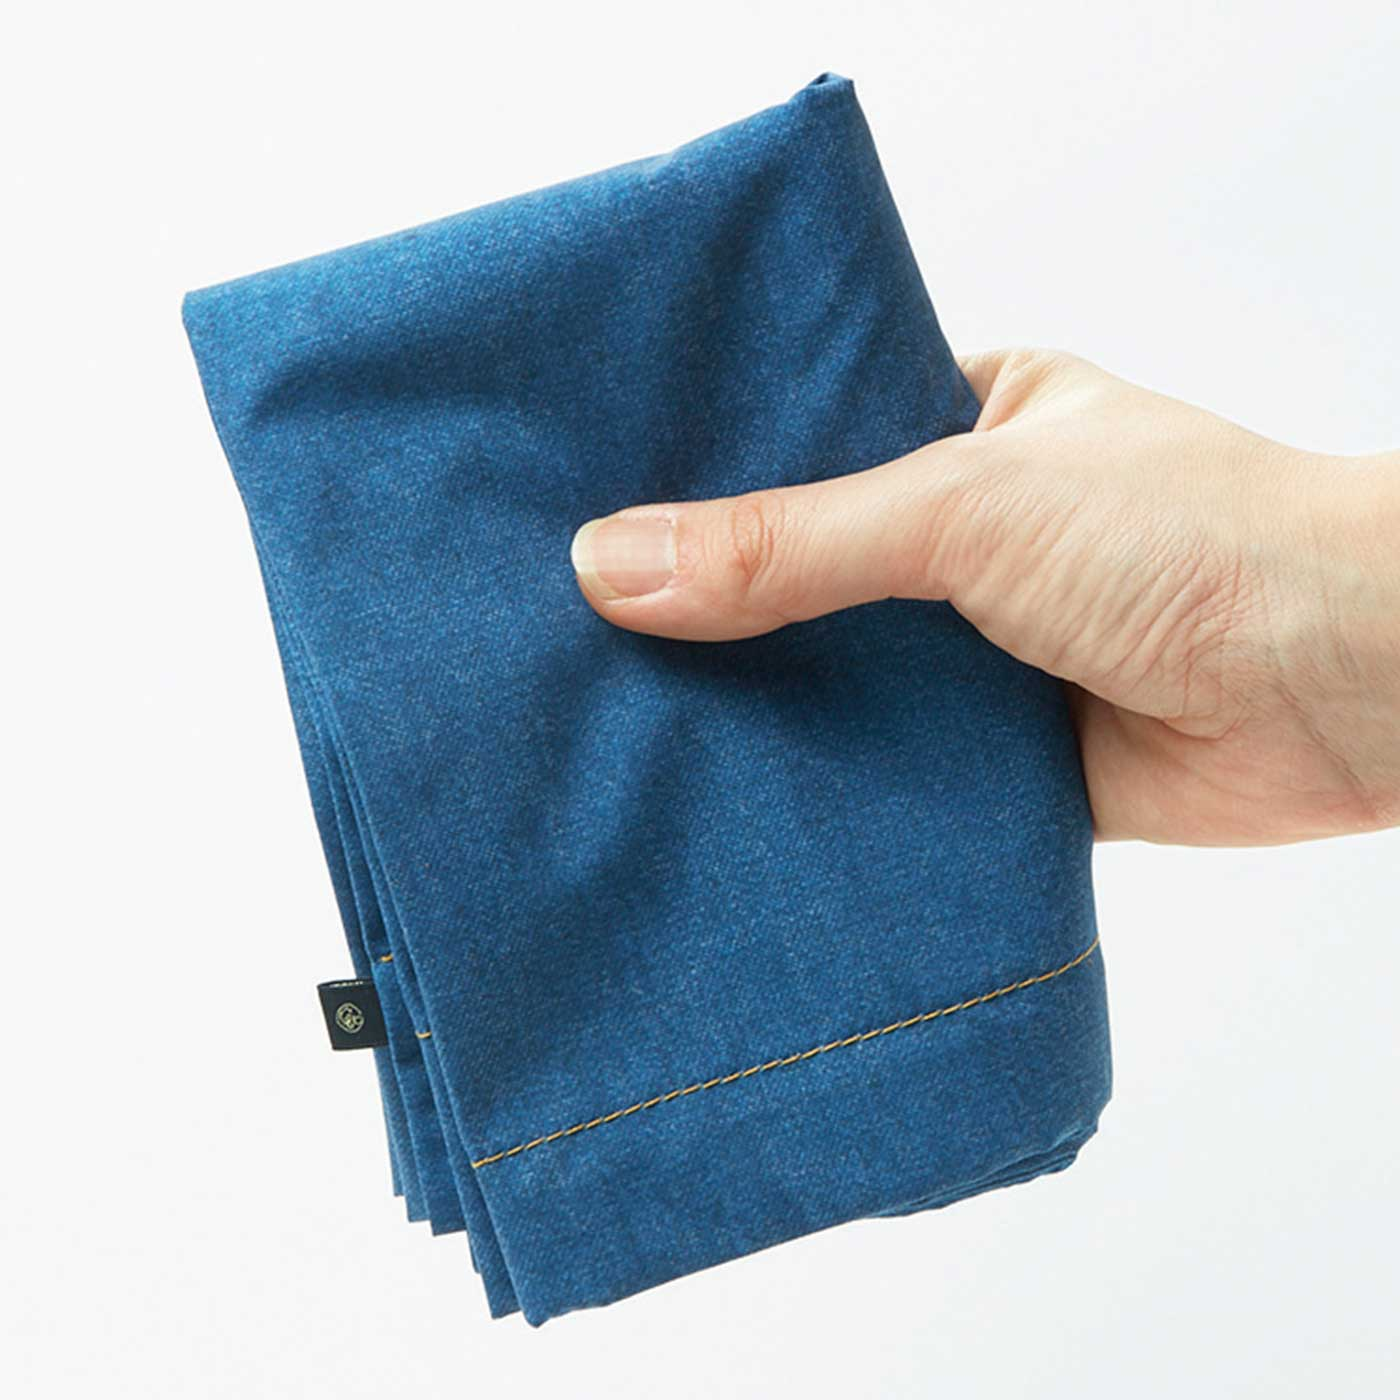 小さくたたんで、いつもバッグに。かさばらないので便利。